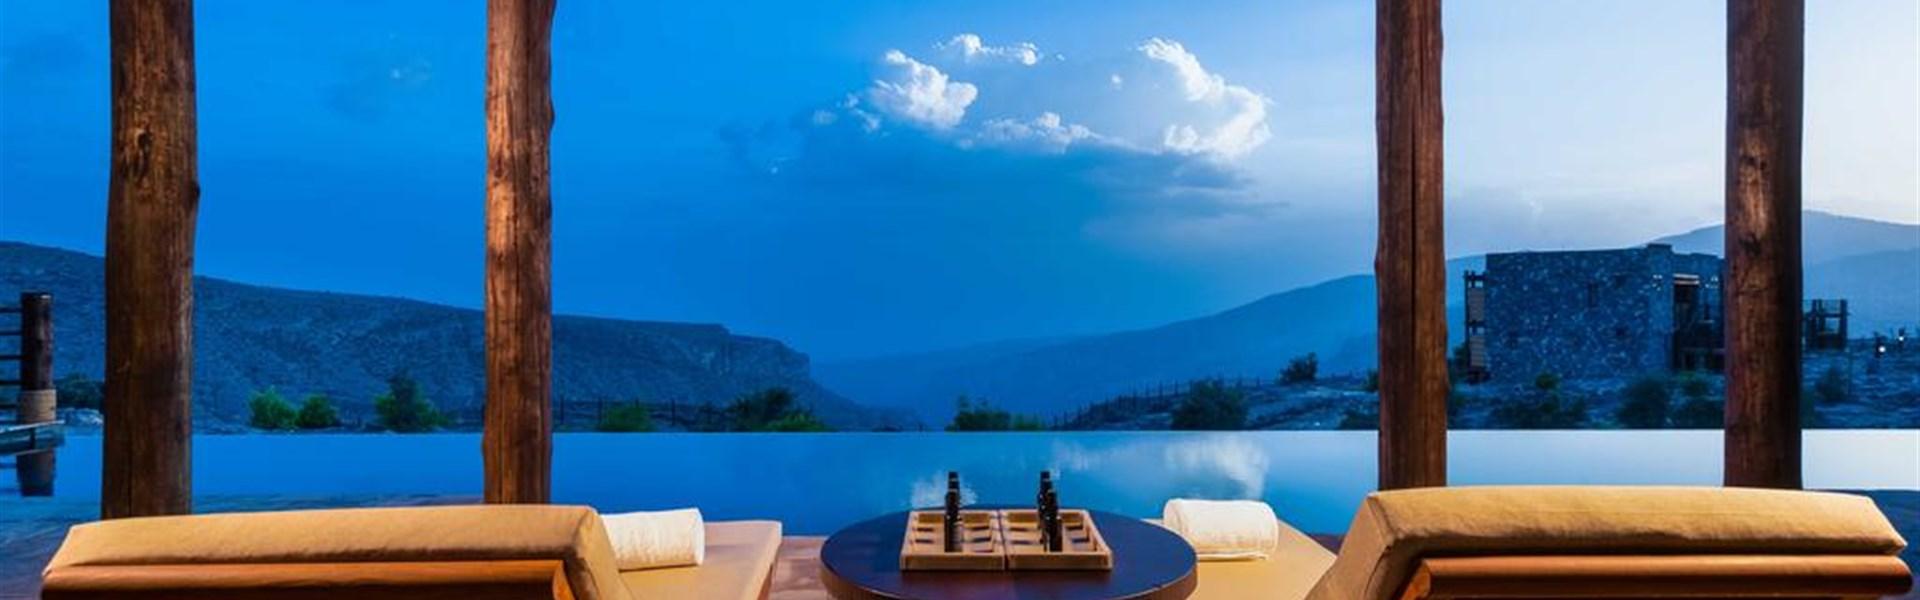 Luxusní privátní cesta zemí sultána Kábúse - Horský hotel Alila